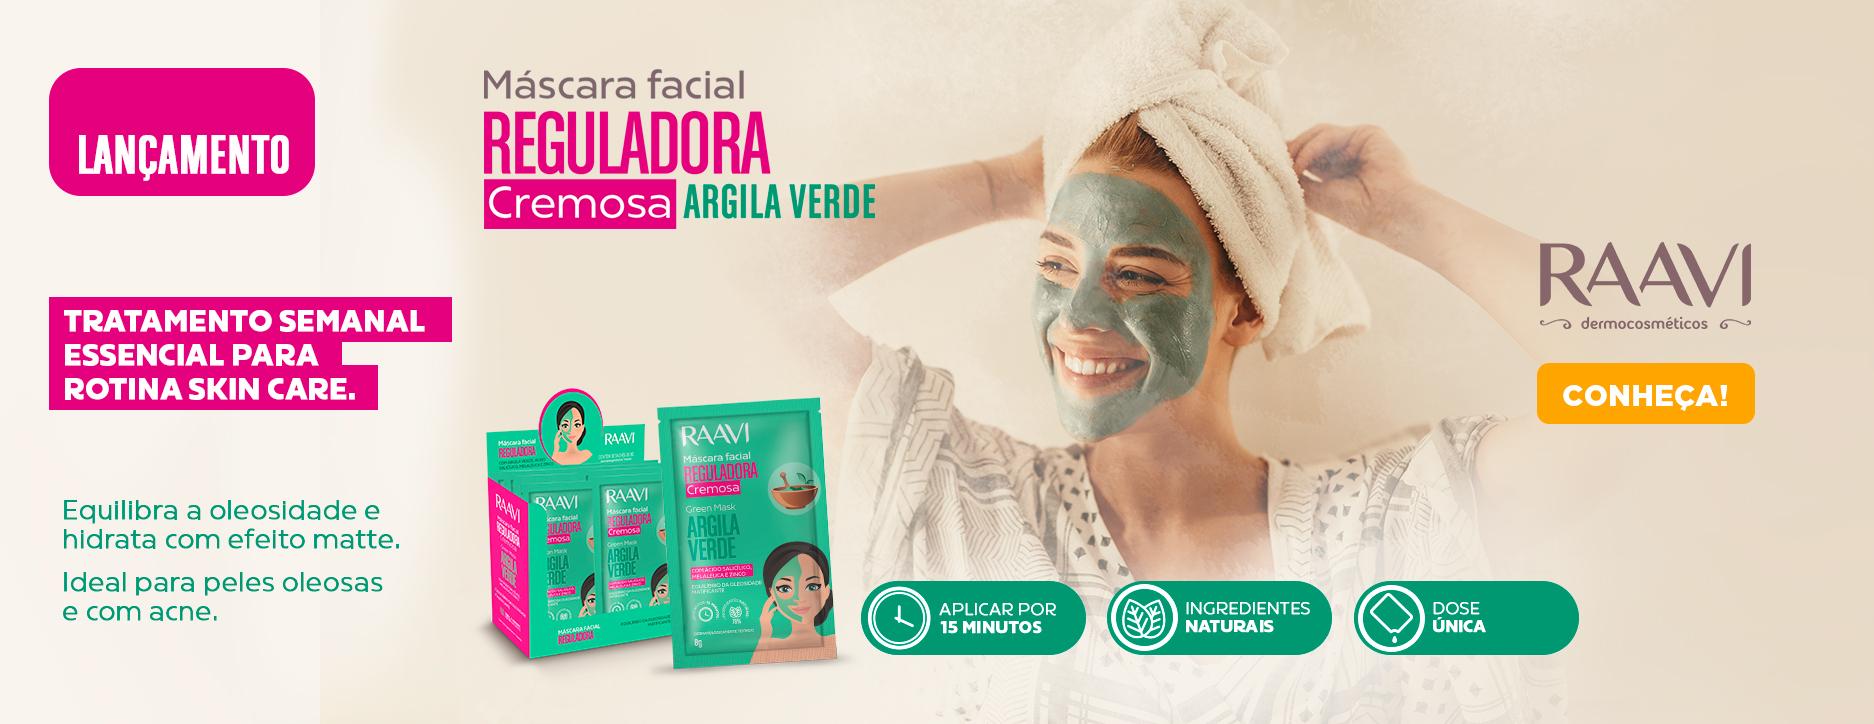 Banner_Mascara_Verde_1874x724_.jpg